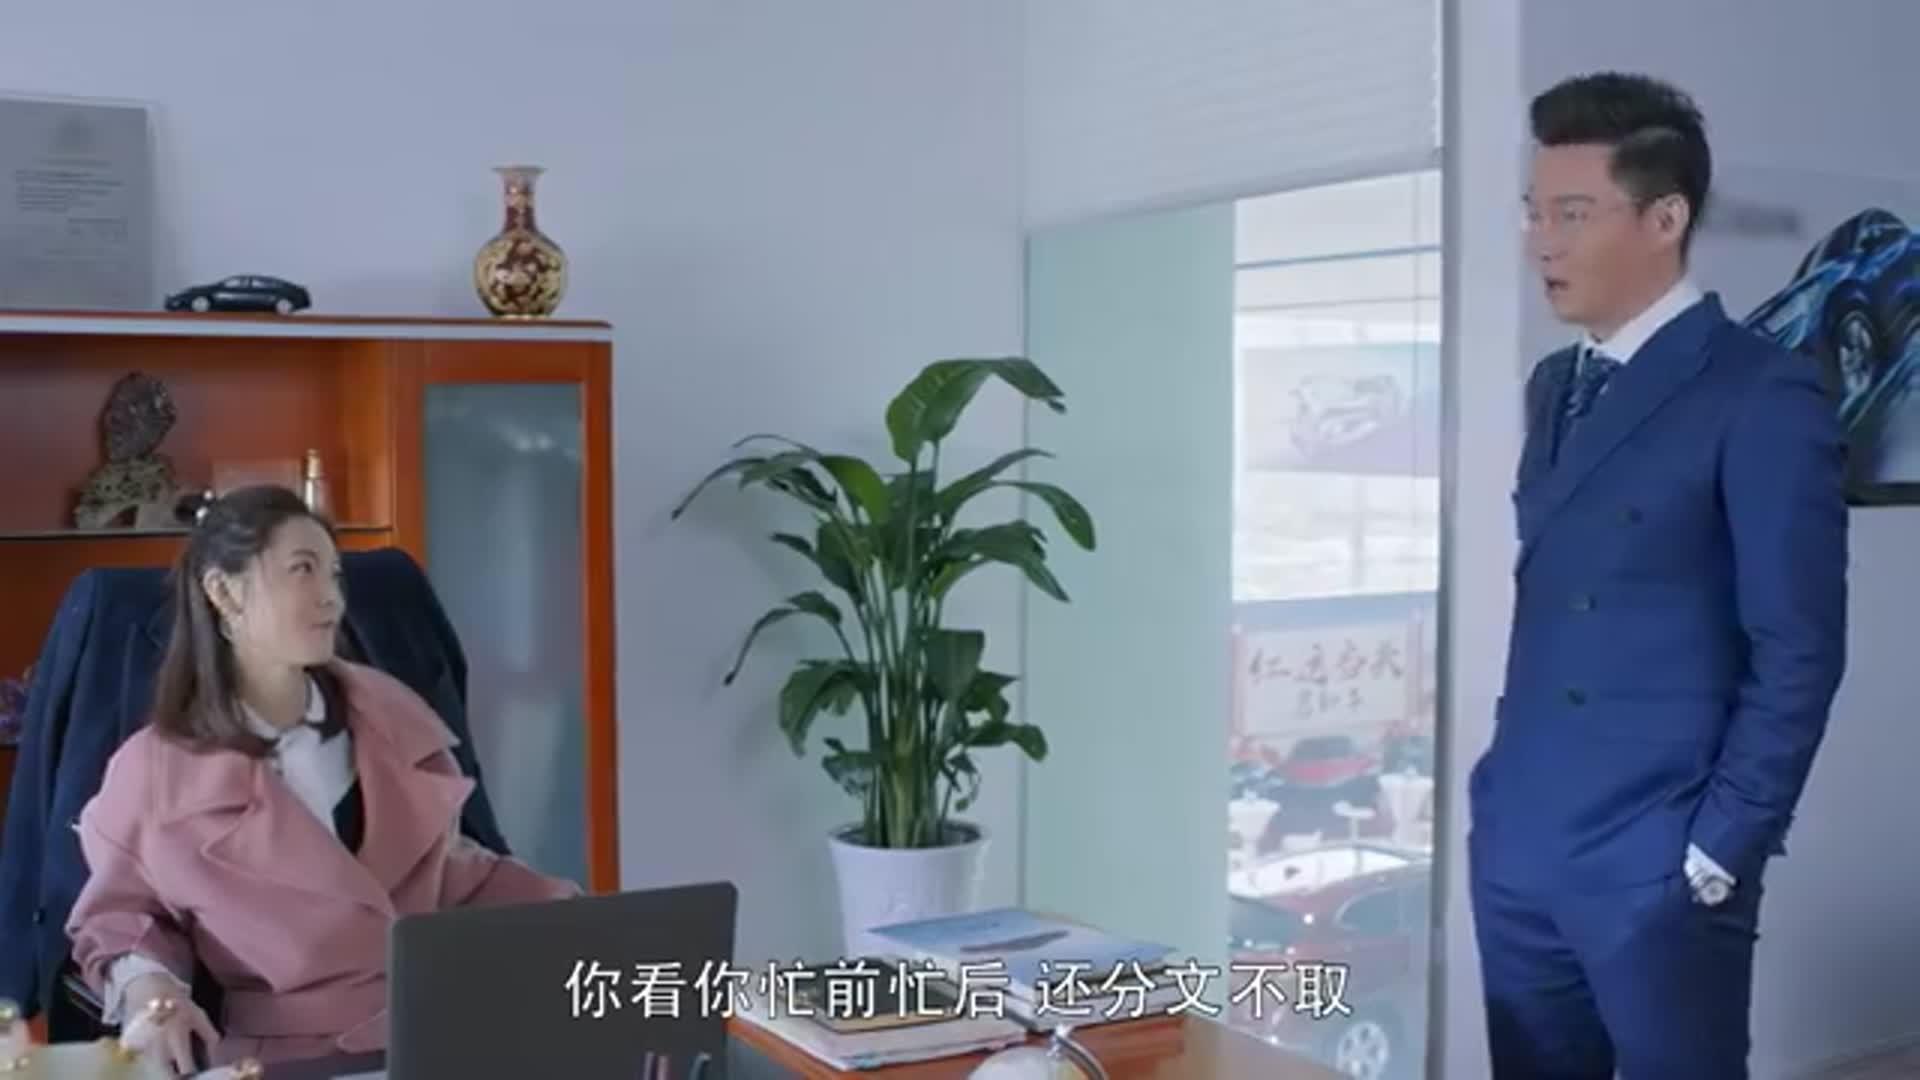 我和我的儿女们:孙涛的投资很成功,孙涛很开心